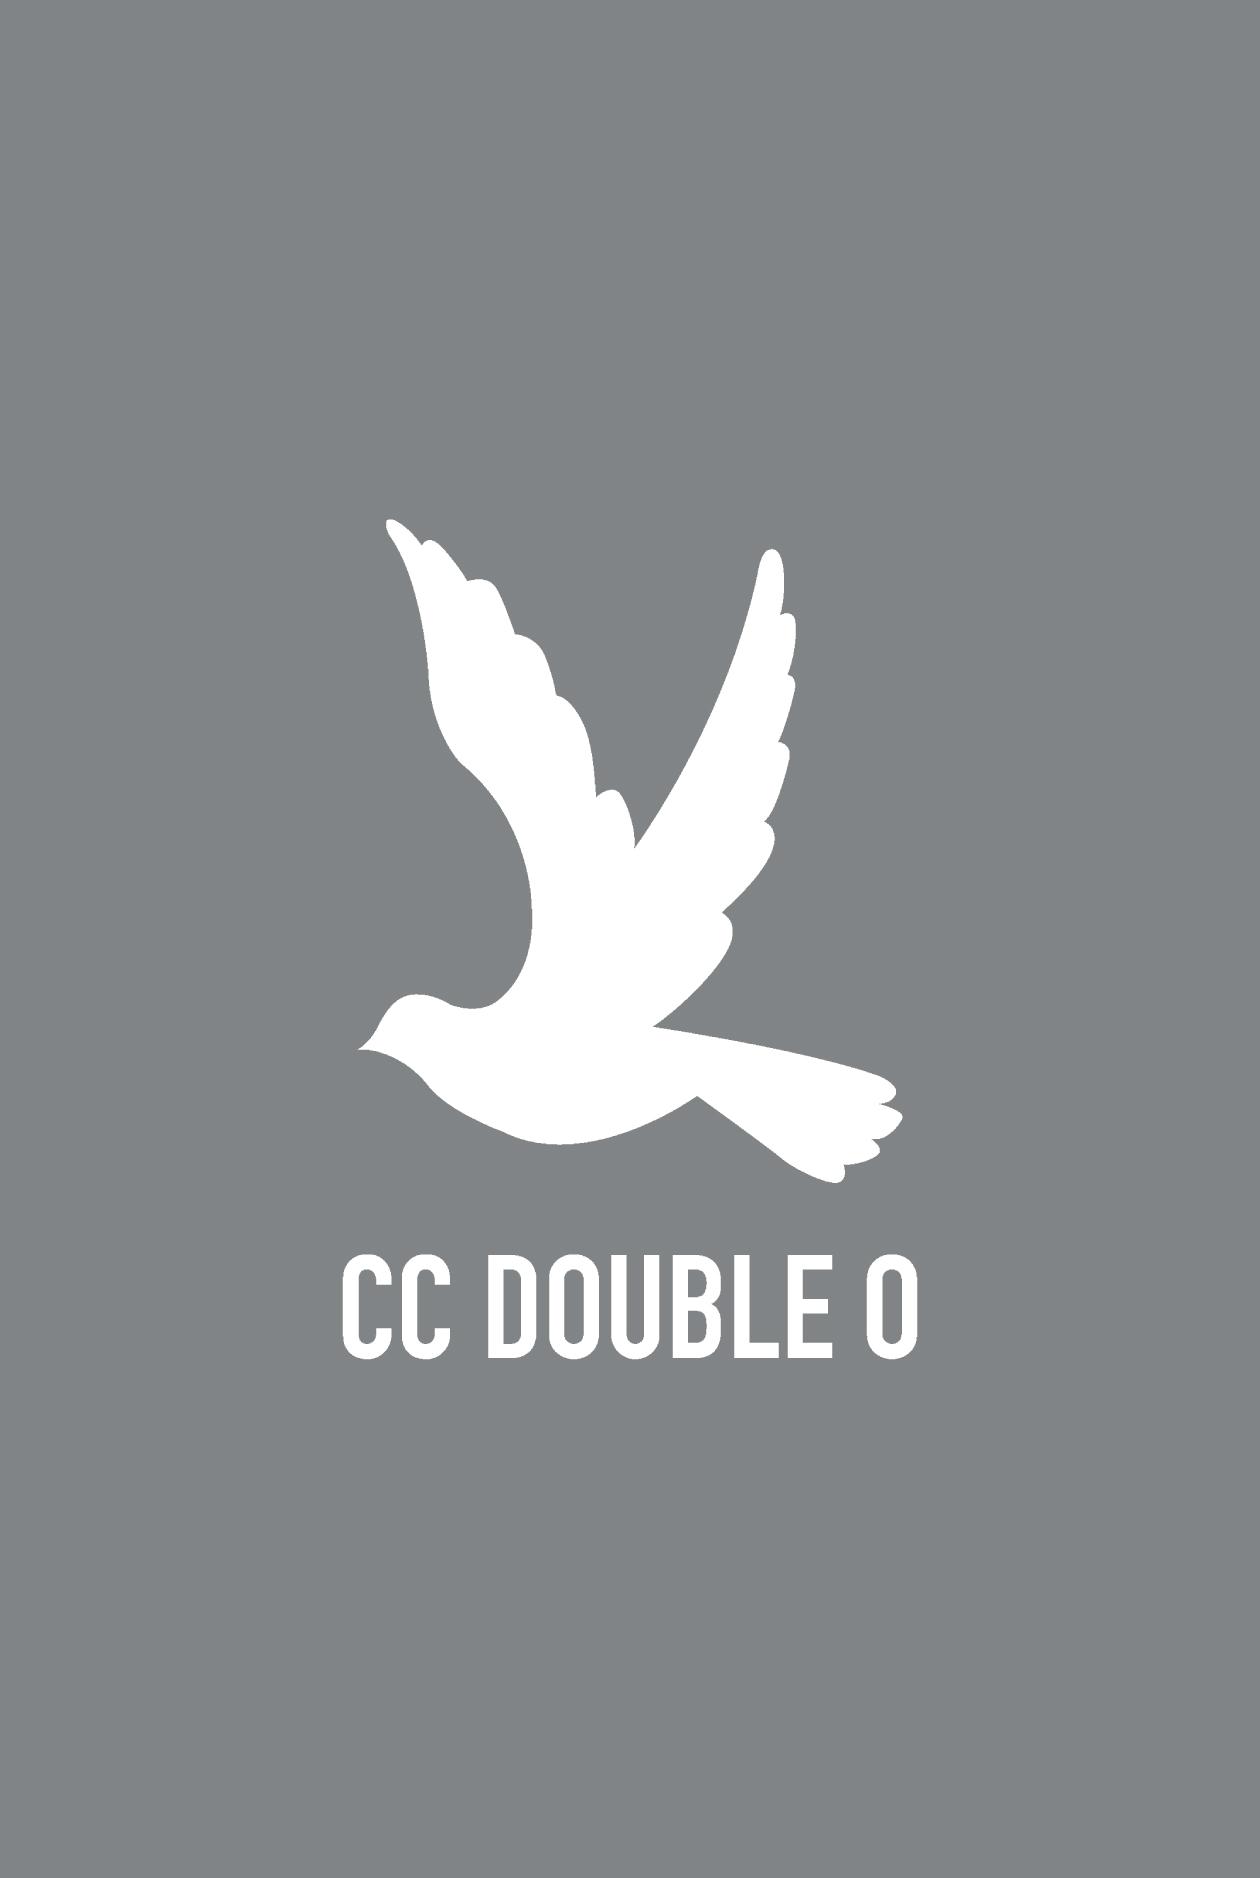 เสื้อยืดโลโก้ CC DOUBLE O